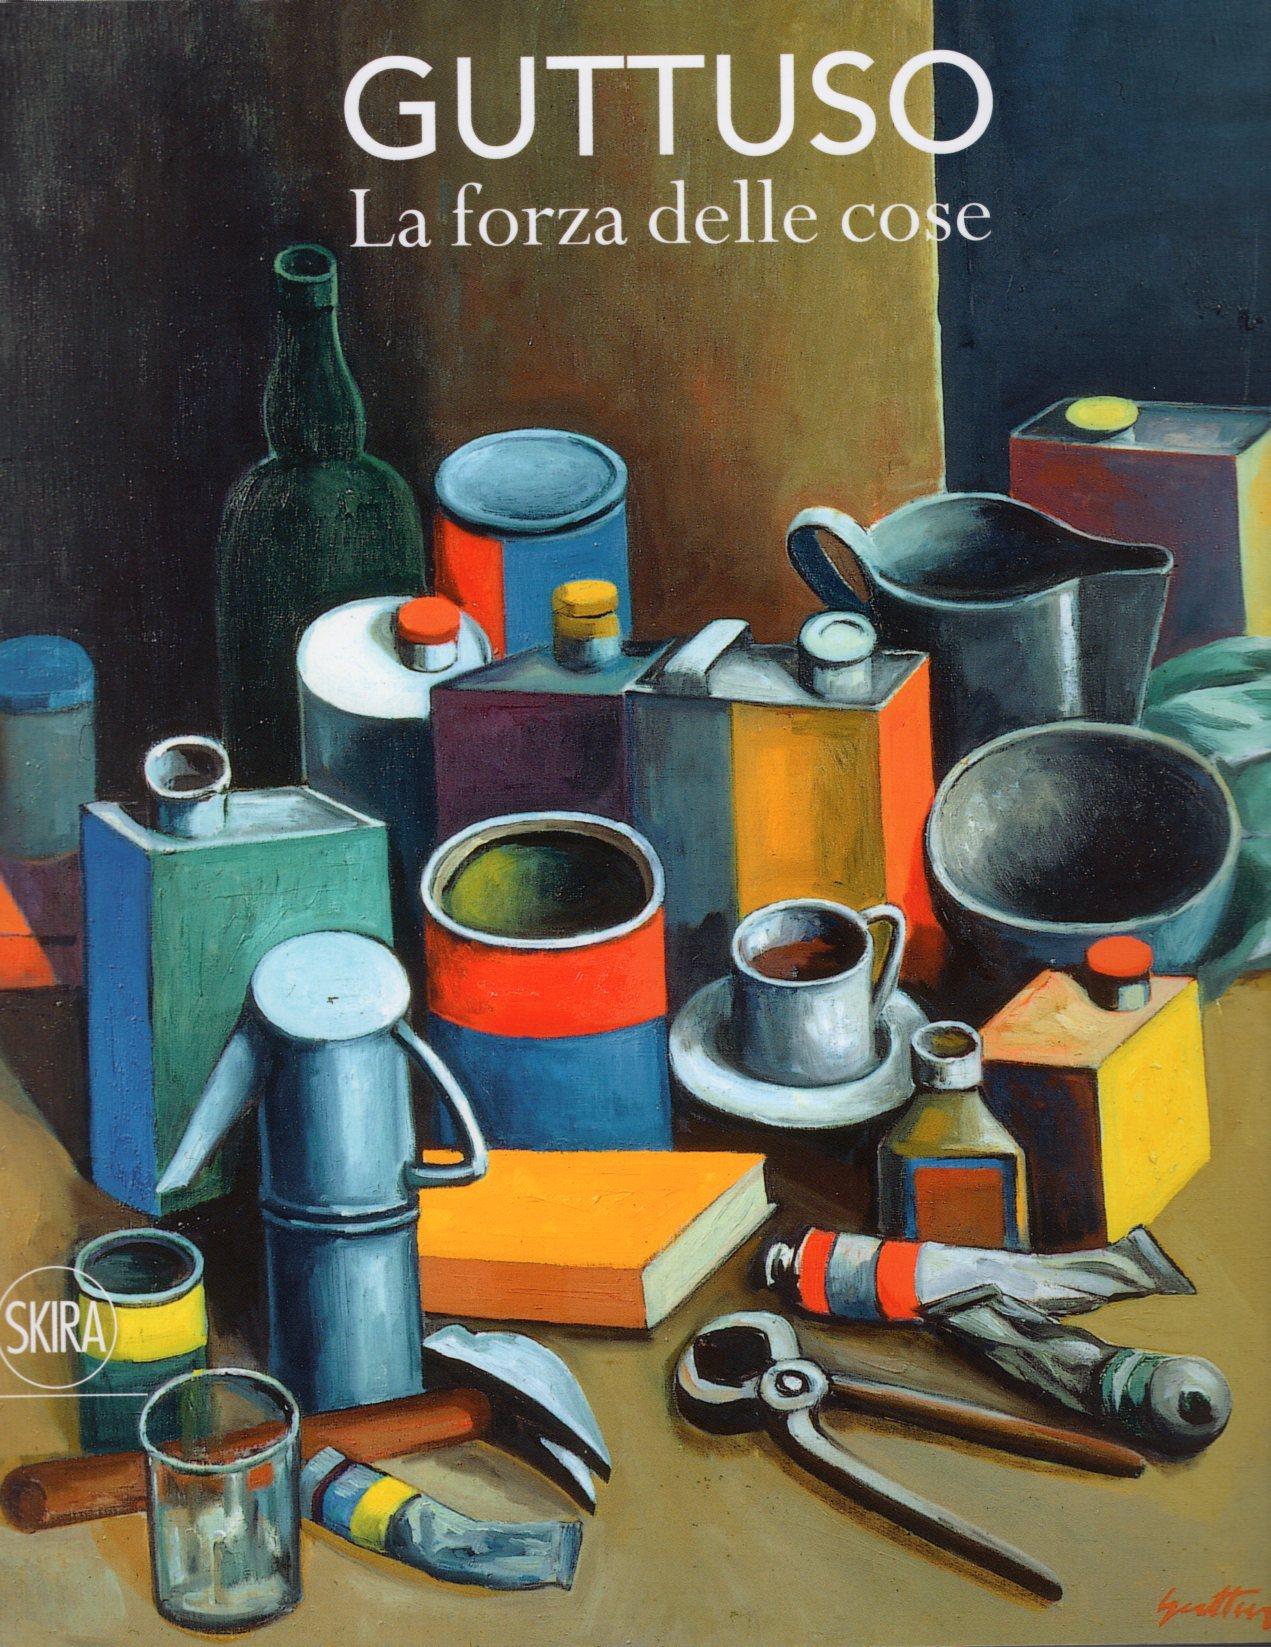 15 Guttuso la forza delle cose. Scuderie del Castello Visconteo, Pavia, Fondazione Sicilia, Villa Zito Palermo 2016